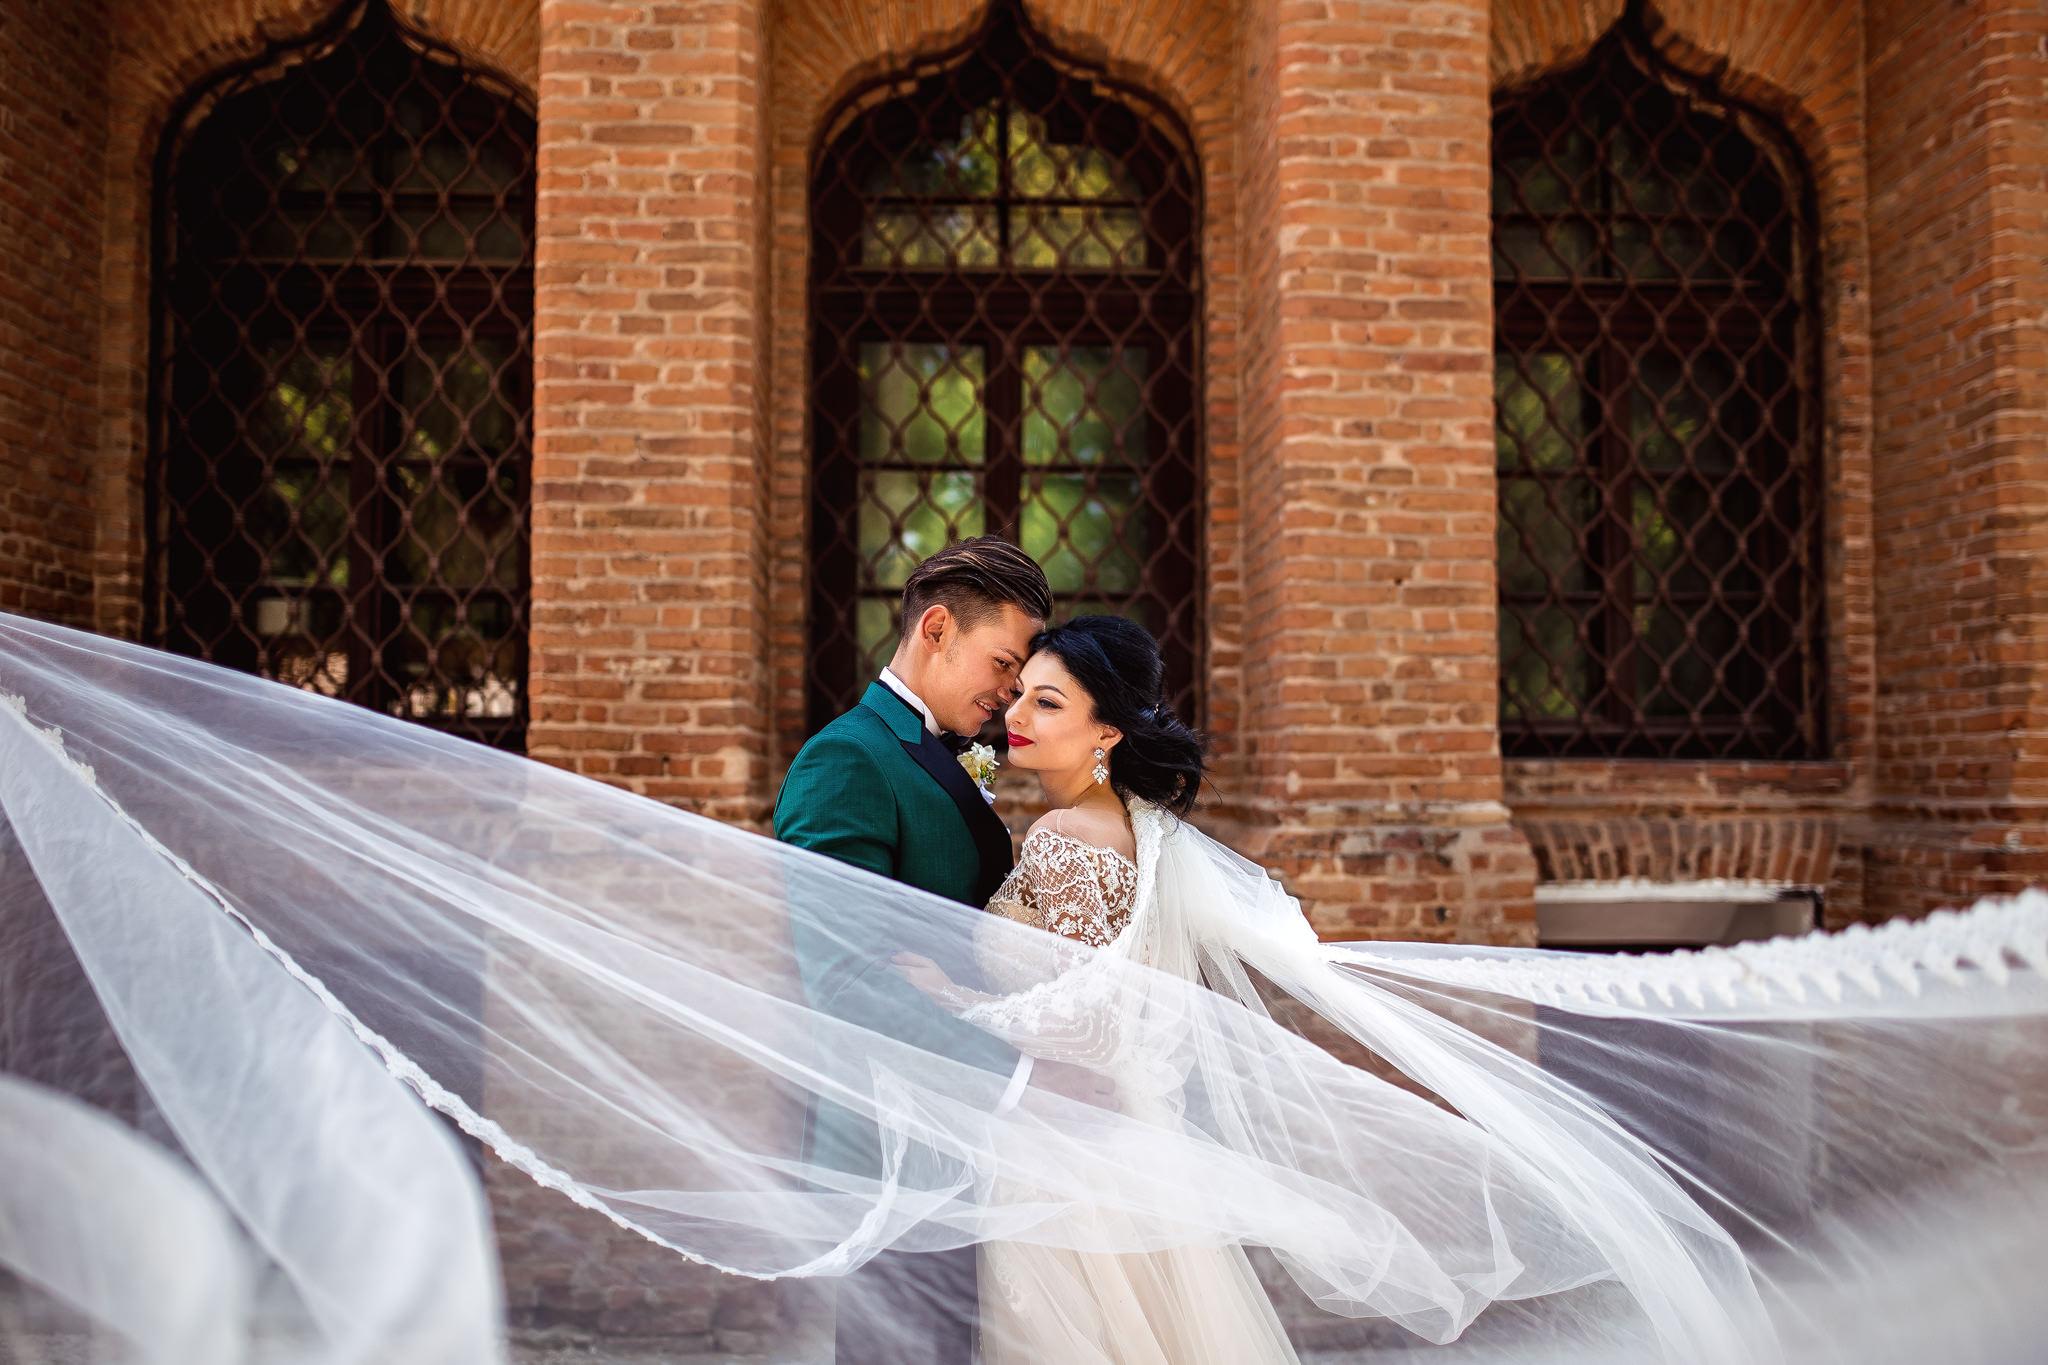 inspirephoto, fotograf nunta bucuresti, fotograf profesionist, nunta mogosoaia